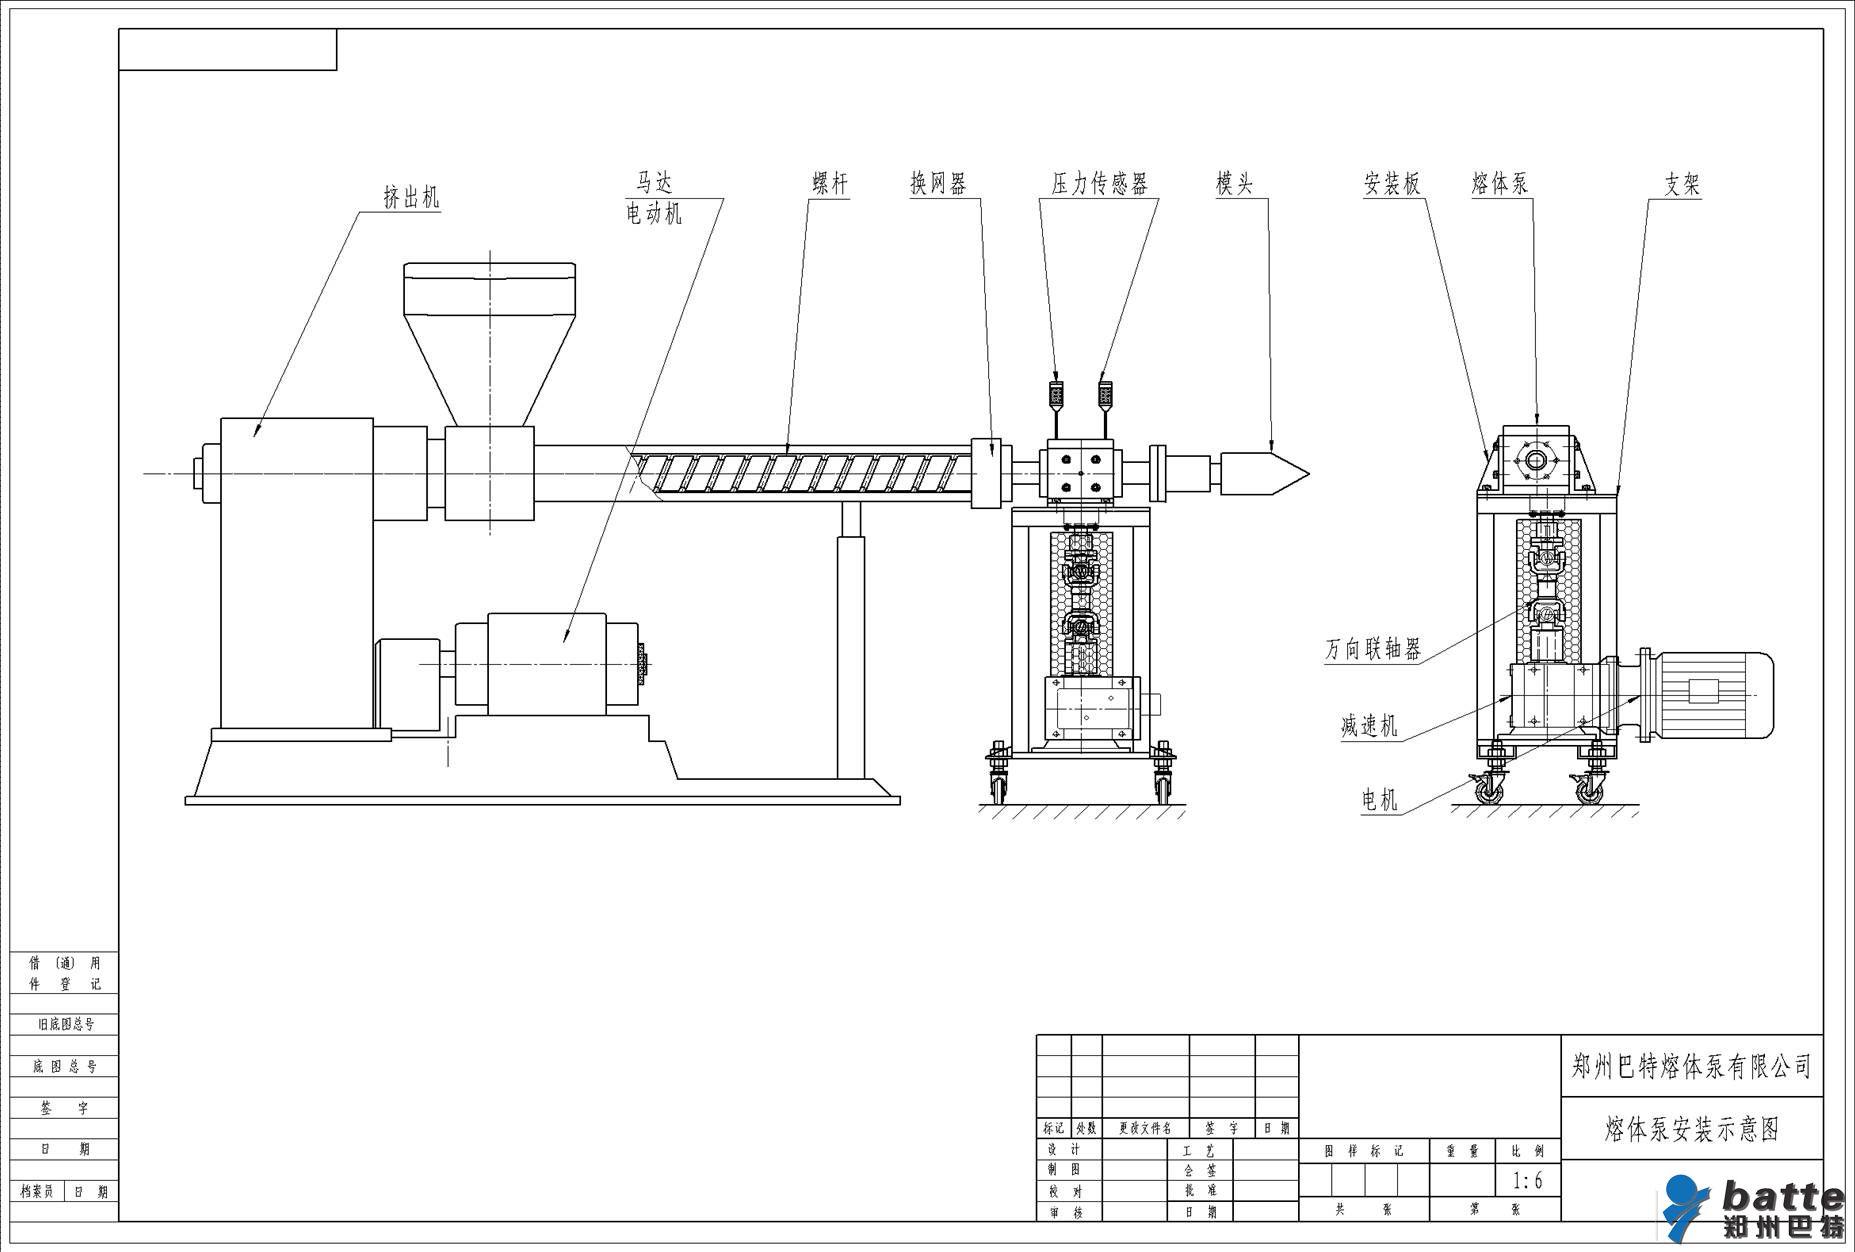 单螺杆与熔体泵组合,提高挤出成型机性能